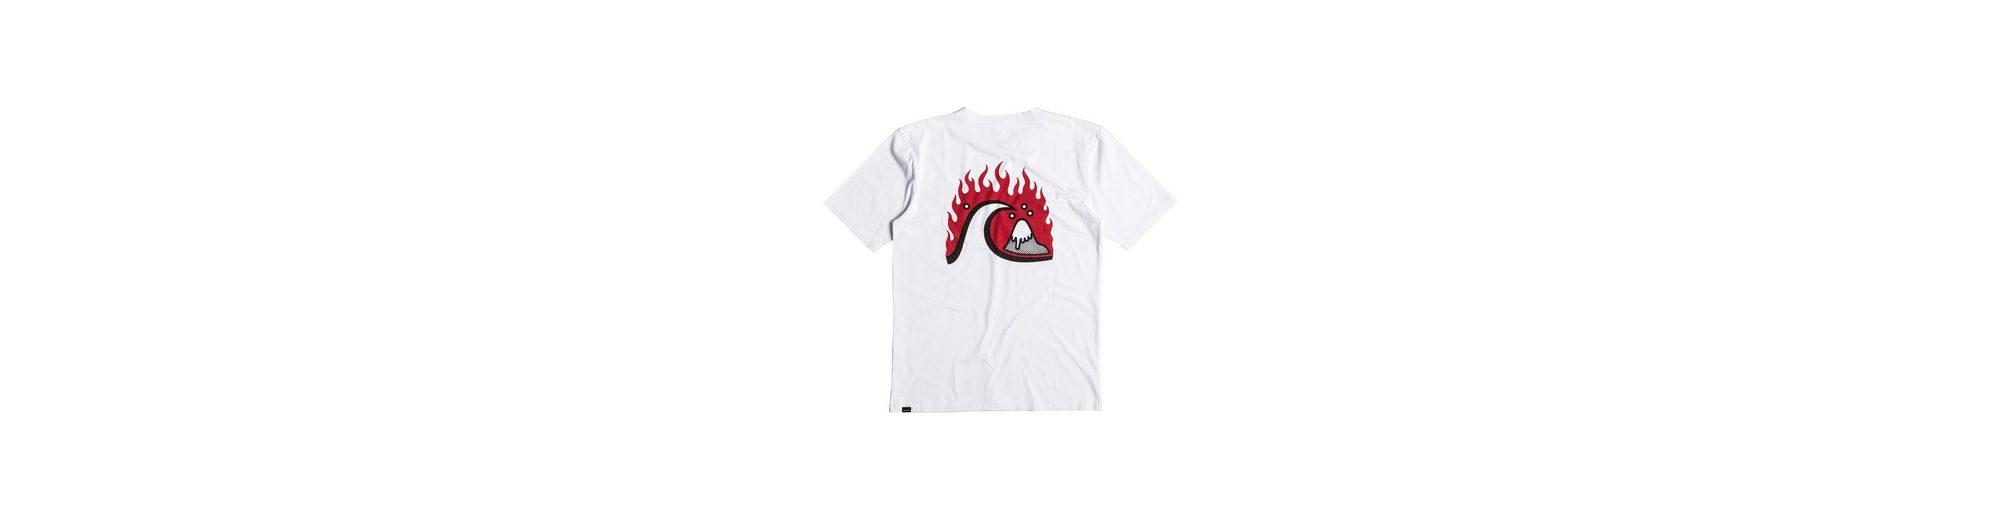 Kaufen Günstig Online Quiksilver T-Shirt Lit Up - T-Shirt Steckdose Zahlen Mit Paypal Spielraum Besuch Verkauf Niedriger Versand a6SnGCxVVa